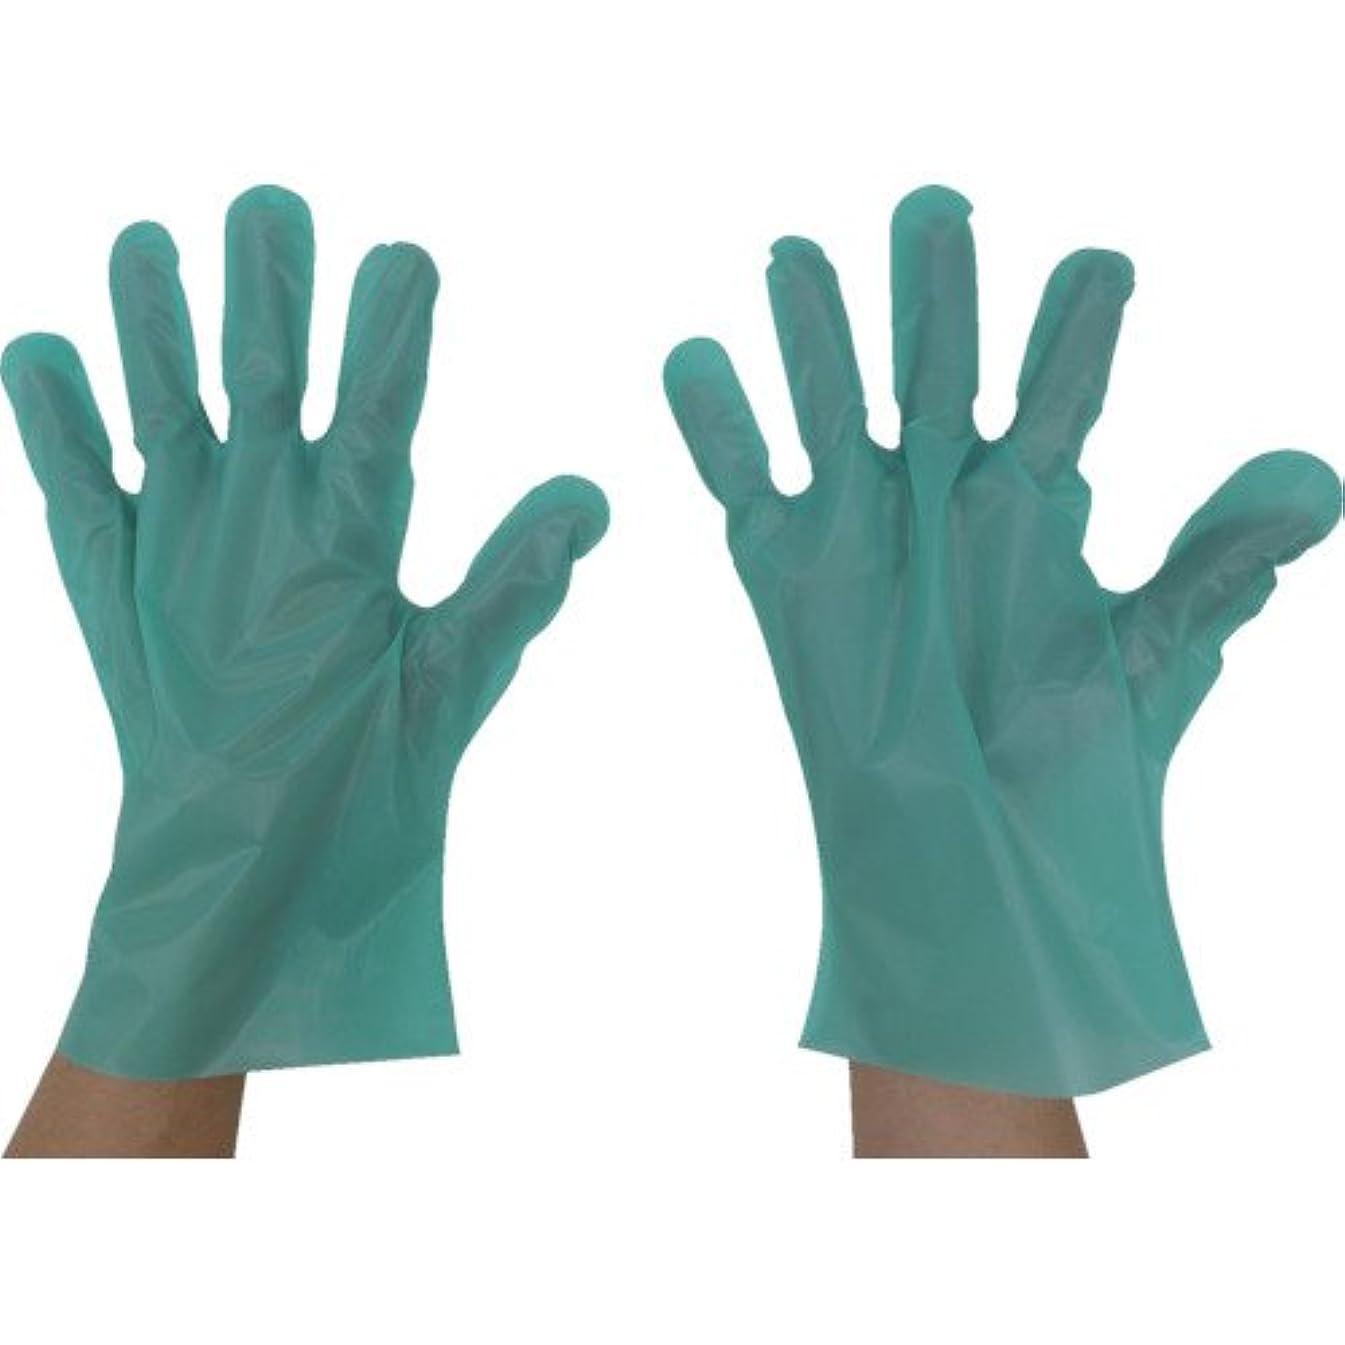 東京パック エンボス手袋五本絞りエコノミー化粧箱L グリーン(入数:200枚) GEK-L